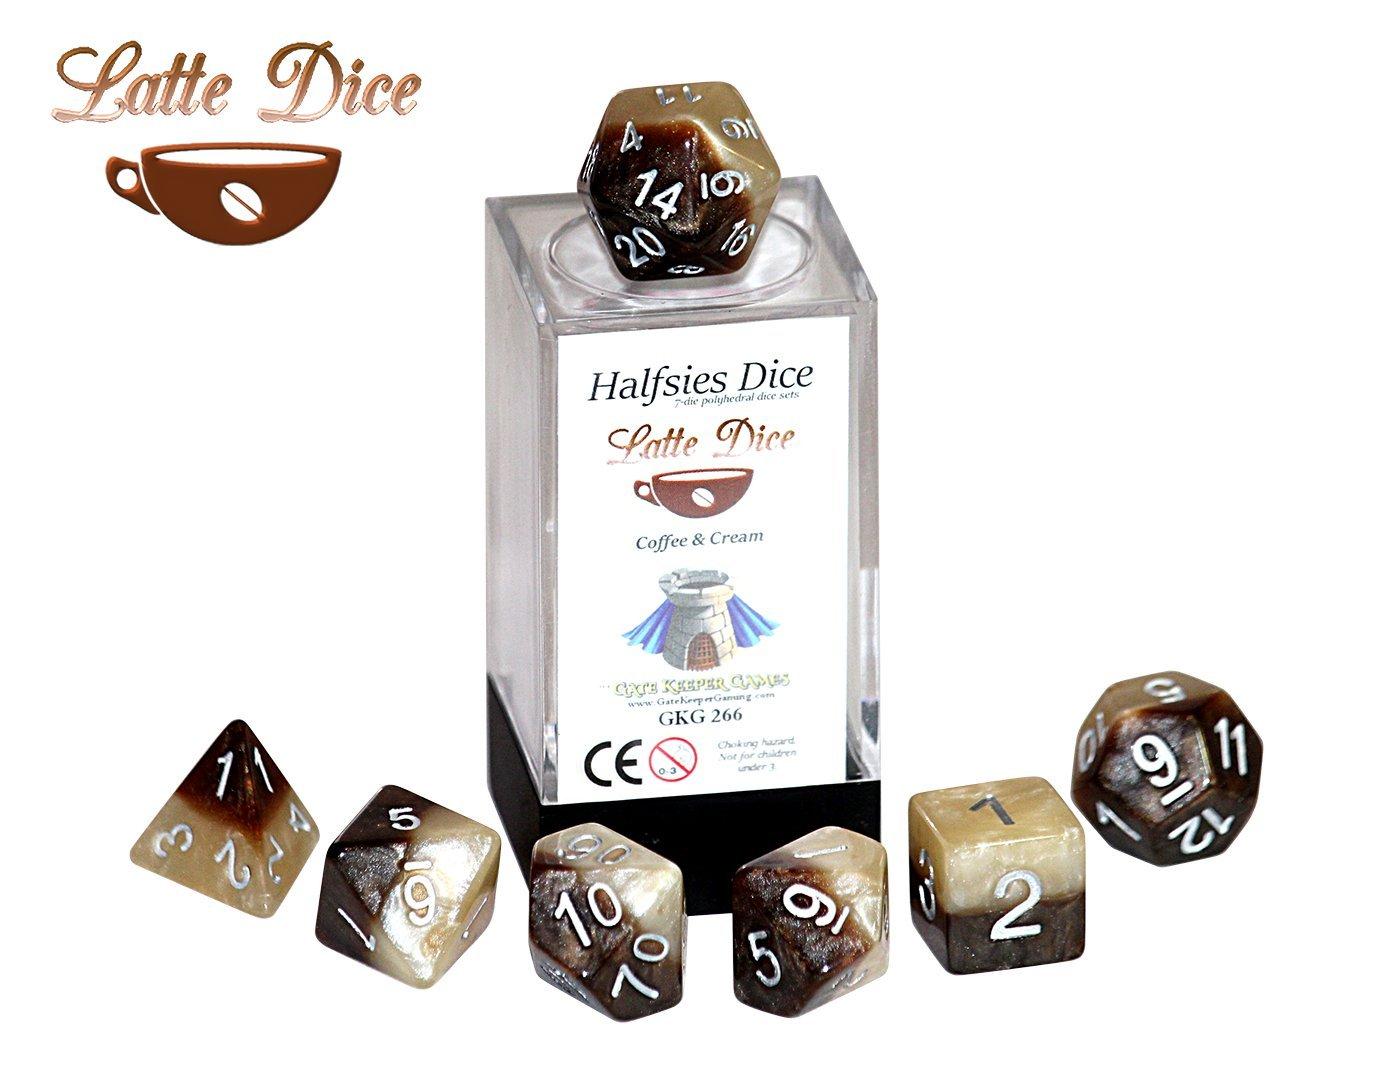 【新発売】 [ゲート キーパー ゲーム]Gate B01JJKBURI Keeper Cream Games Halfsies Latte Halfsies Dice 7 die polyhedral dice set Coffee & Cream GKG266 [並行輸入品] B01JJKBURI, 塗り丸:08bf88c3 --- arianechie.dominiotemporario.com